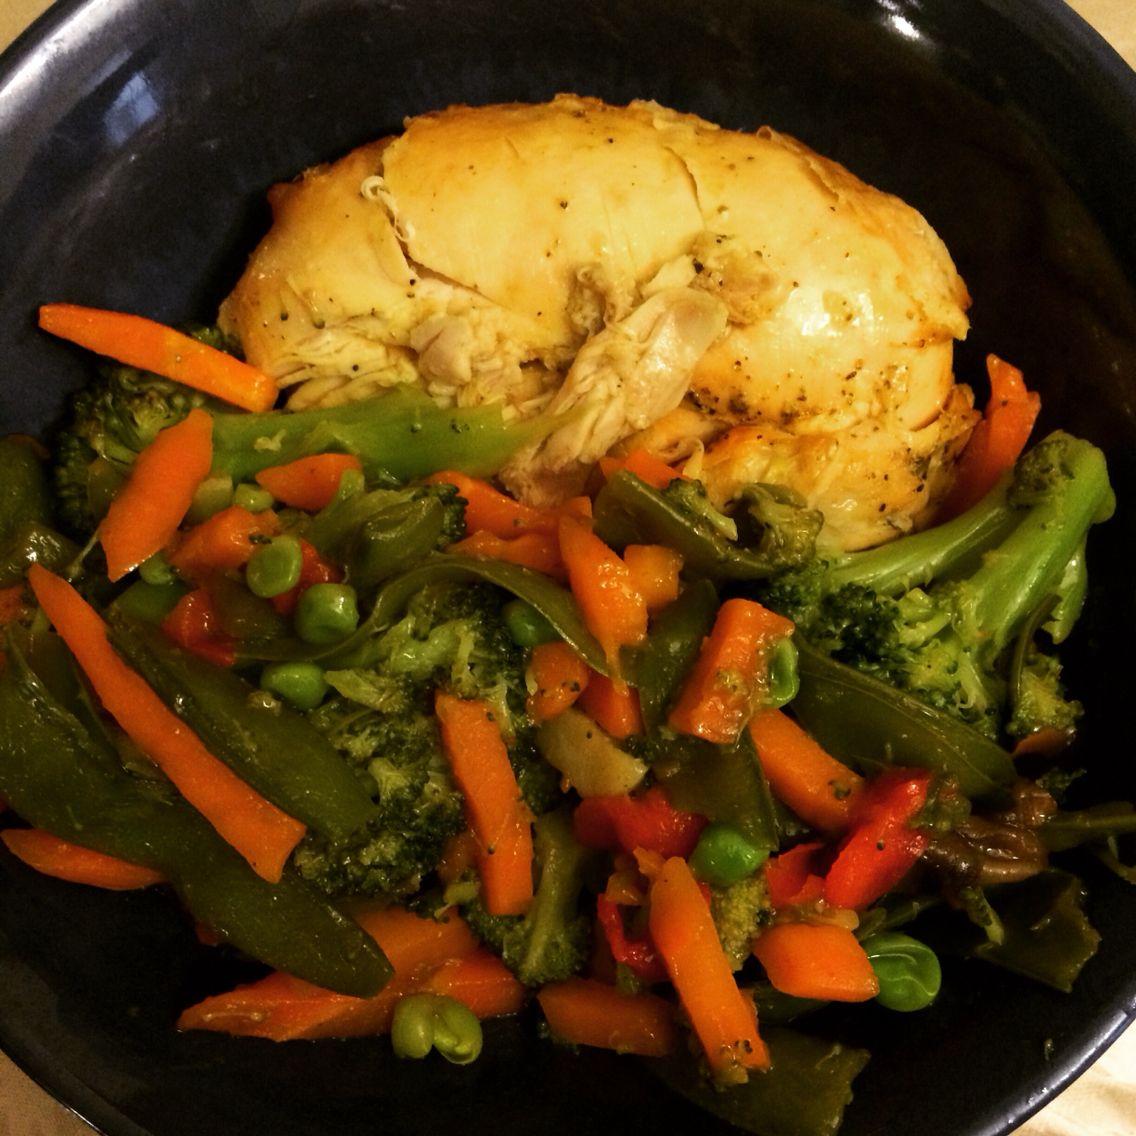 Pechuga de pollo al horno y vegetales